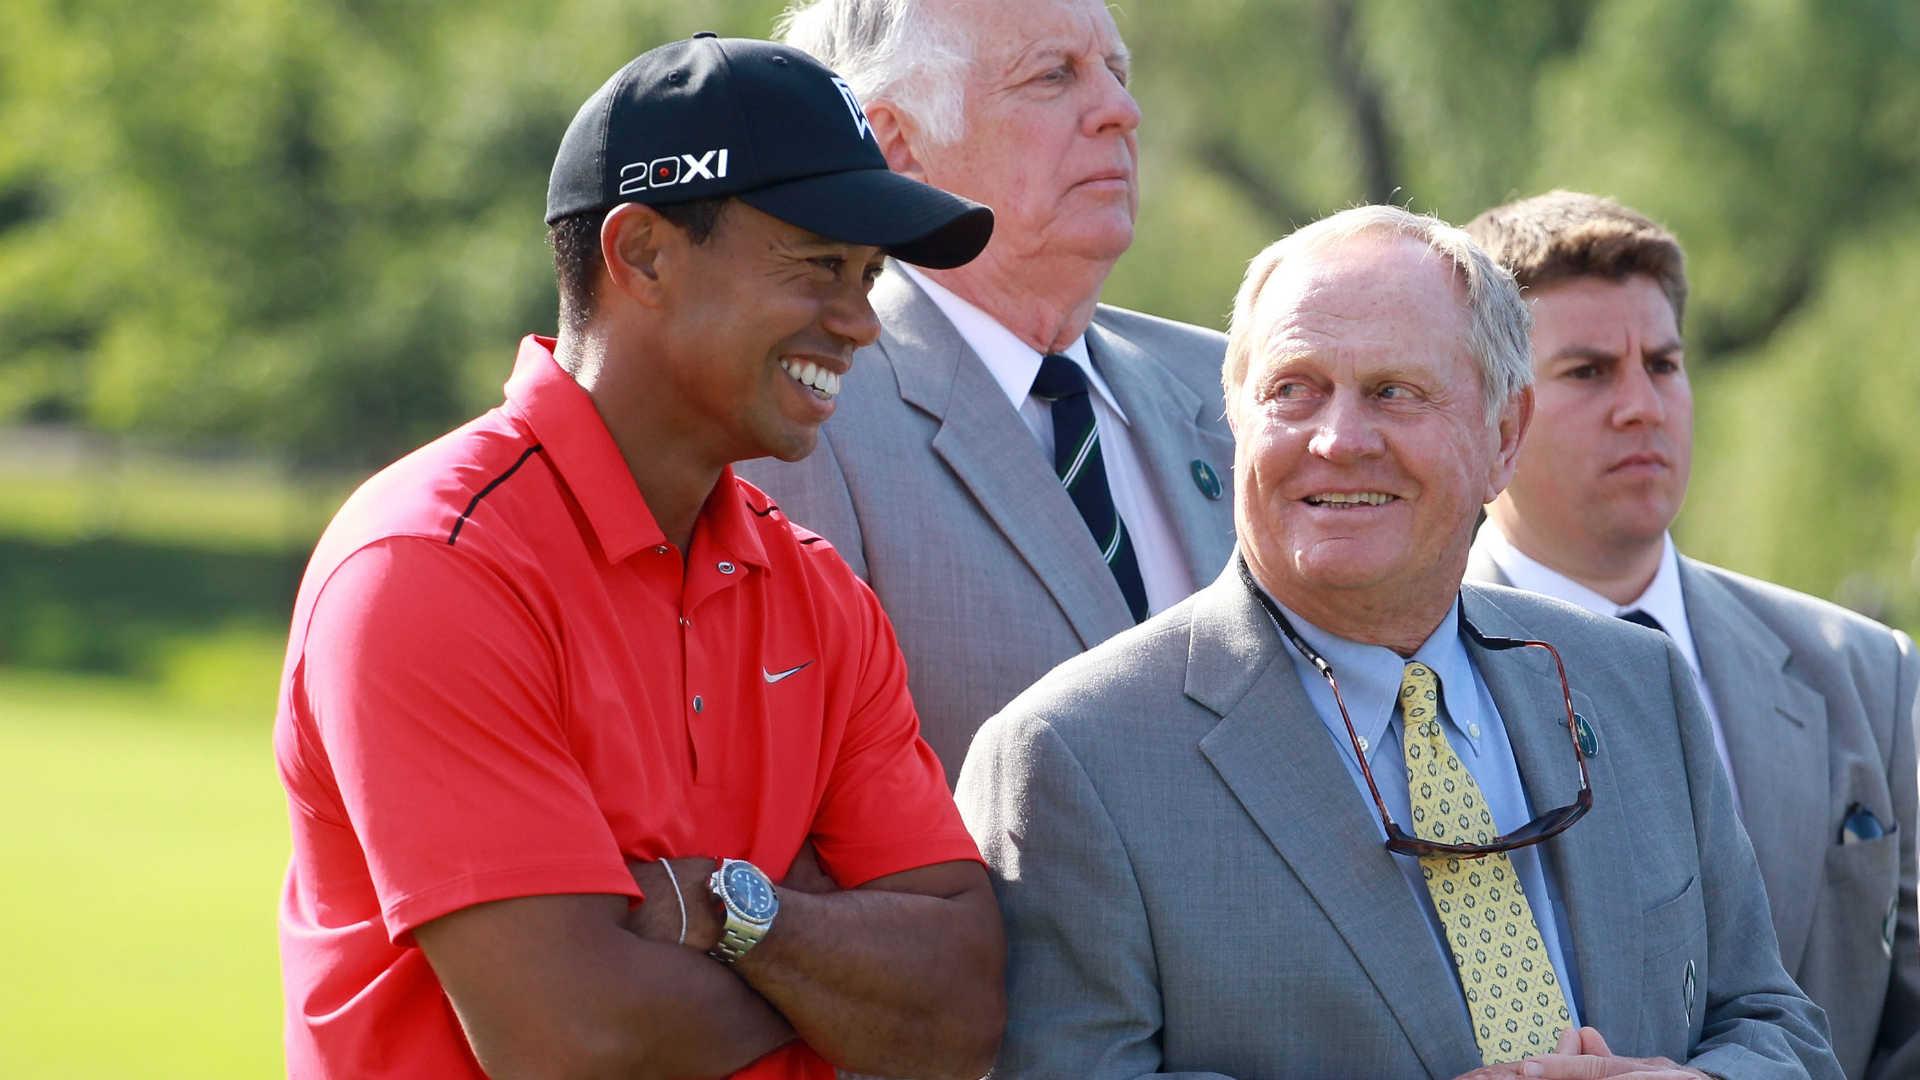 Woods to play Memorial ahead of U.S. Open